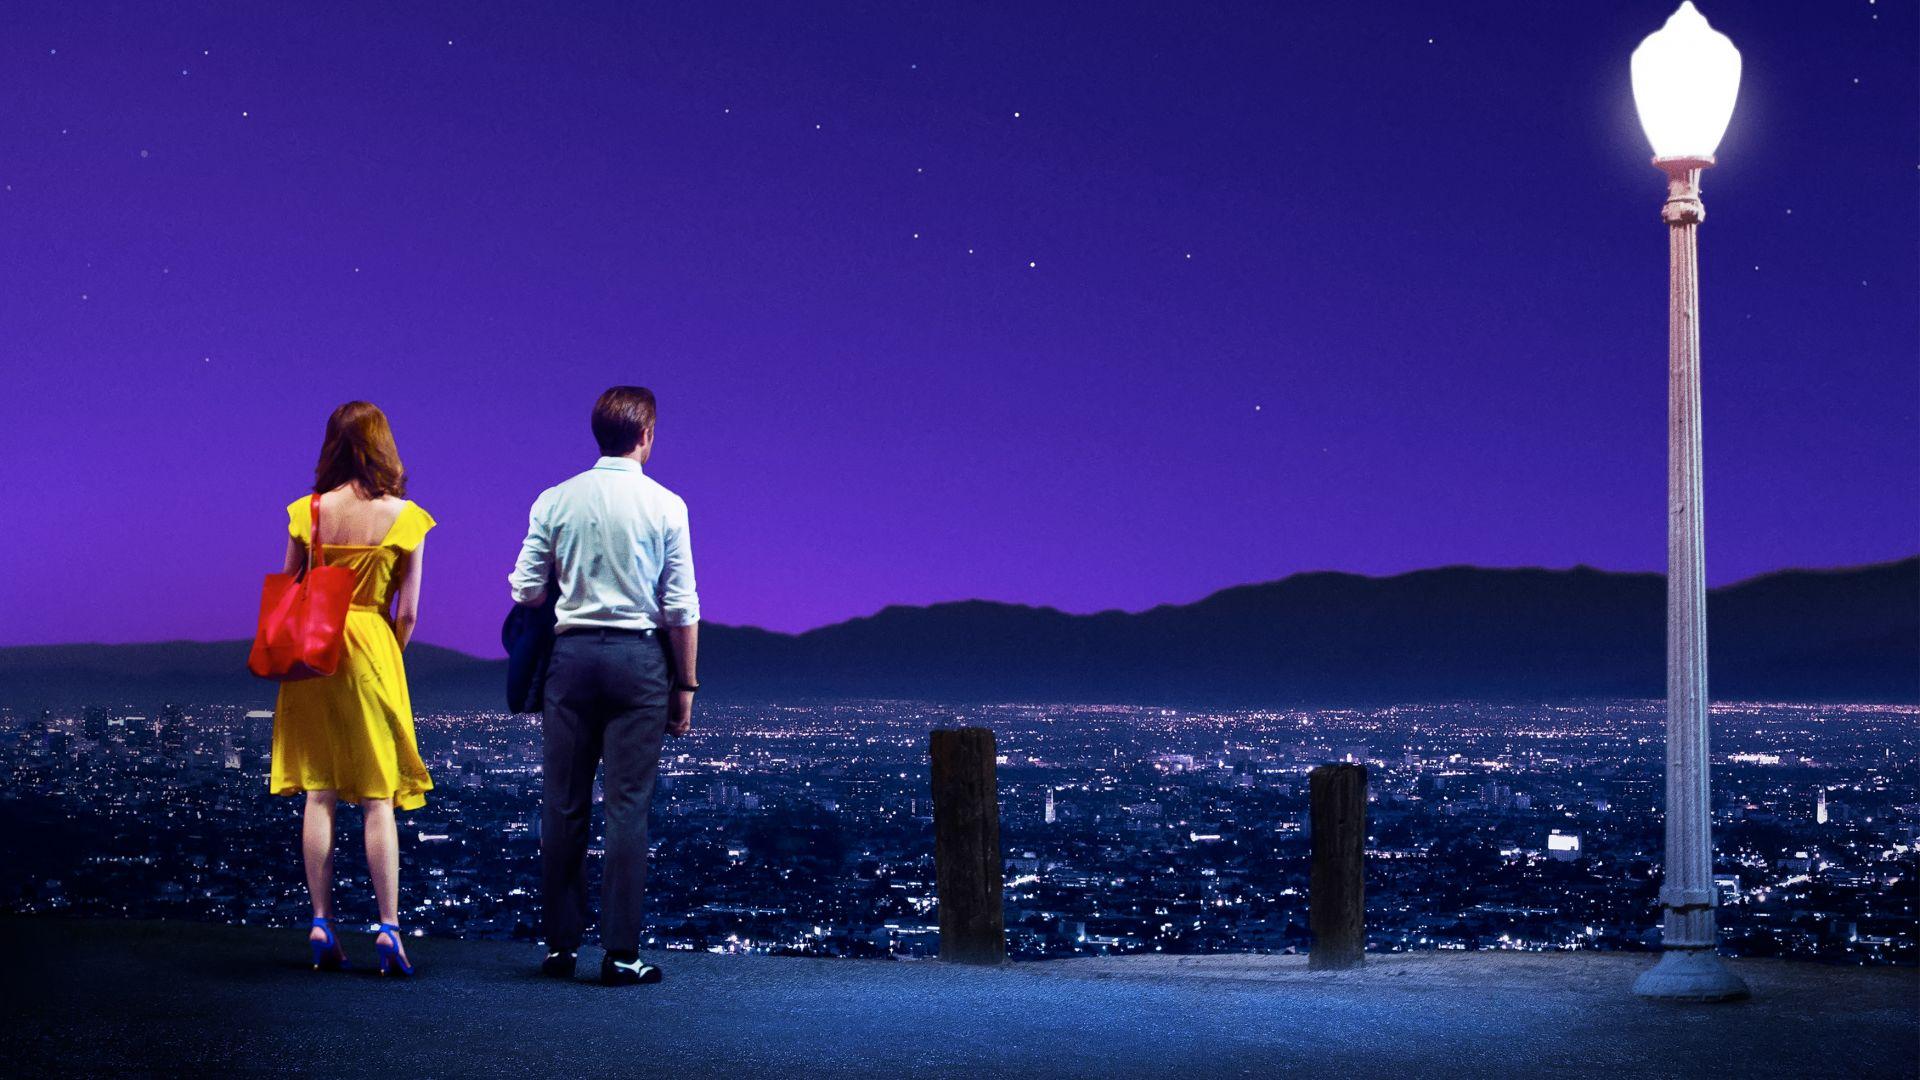 Wallpaper La la land movie, 2016 movie